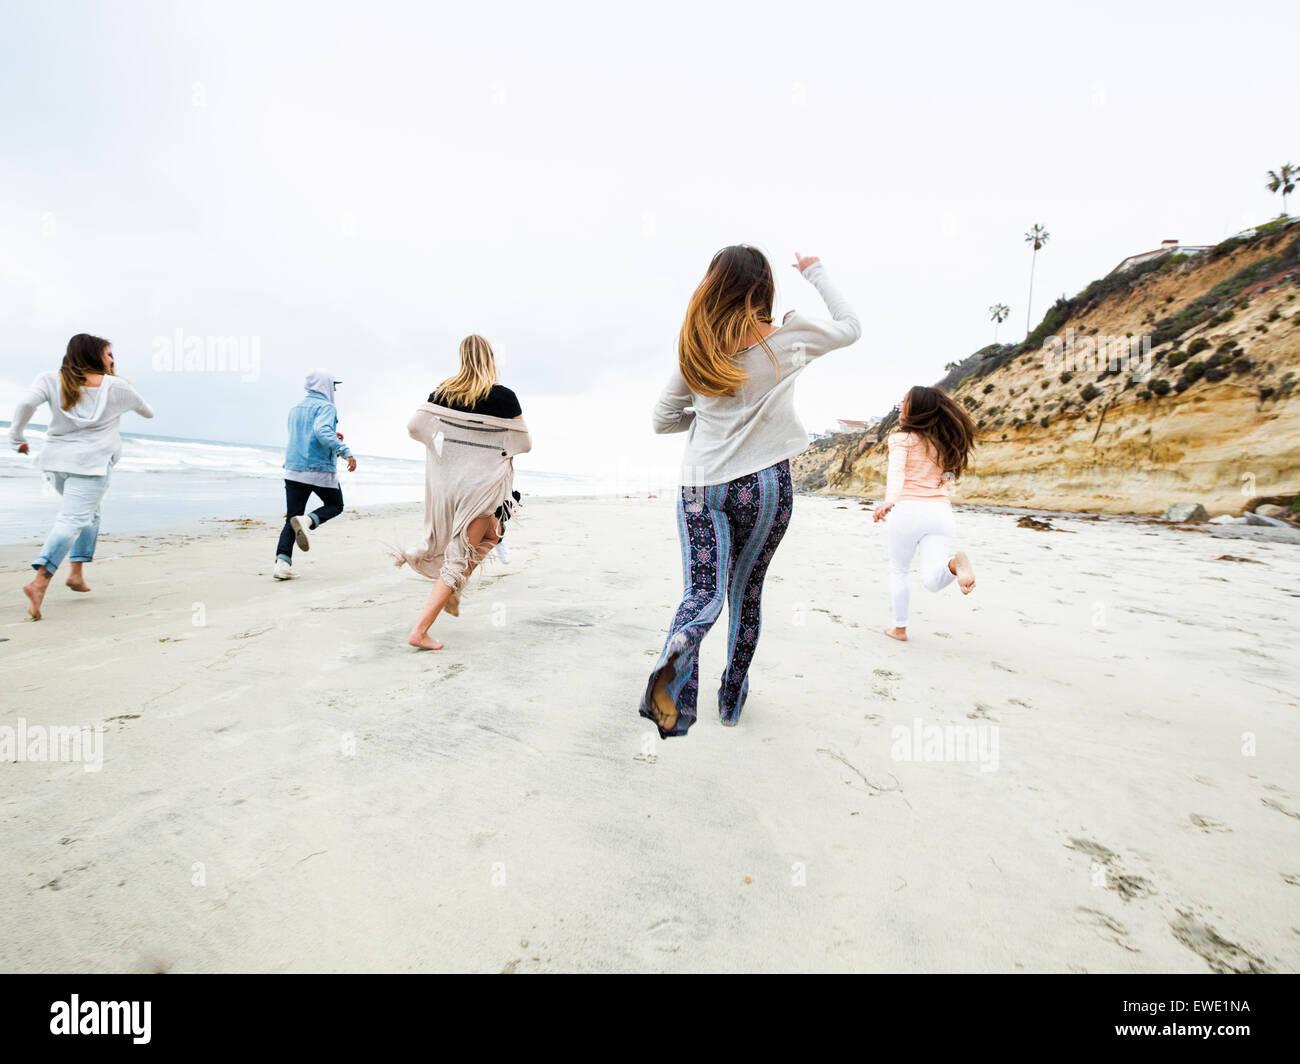 Un groupe de jeunes hommes et femmes s'exécutant sur une plage, s'amusant Photo Stock